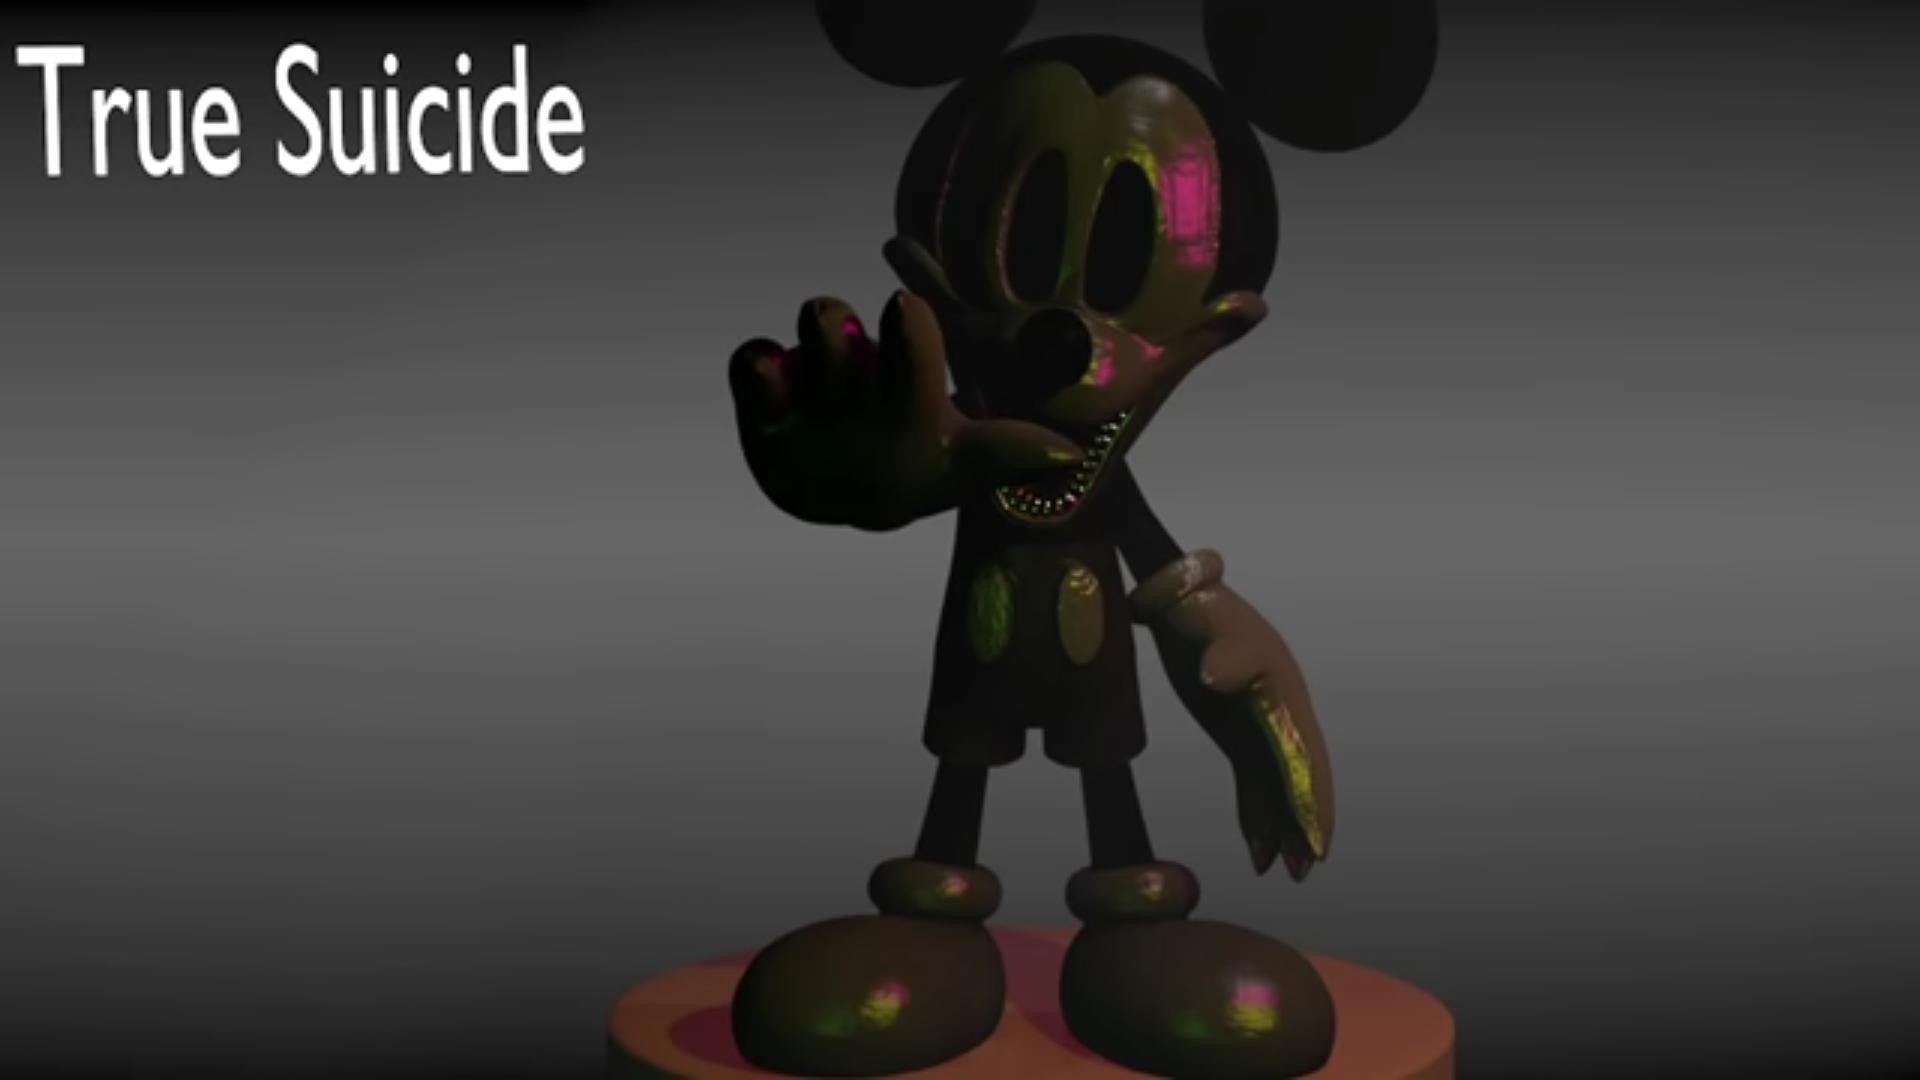 True Suicide